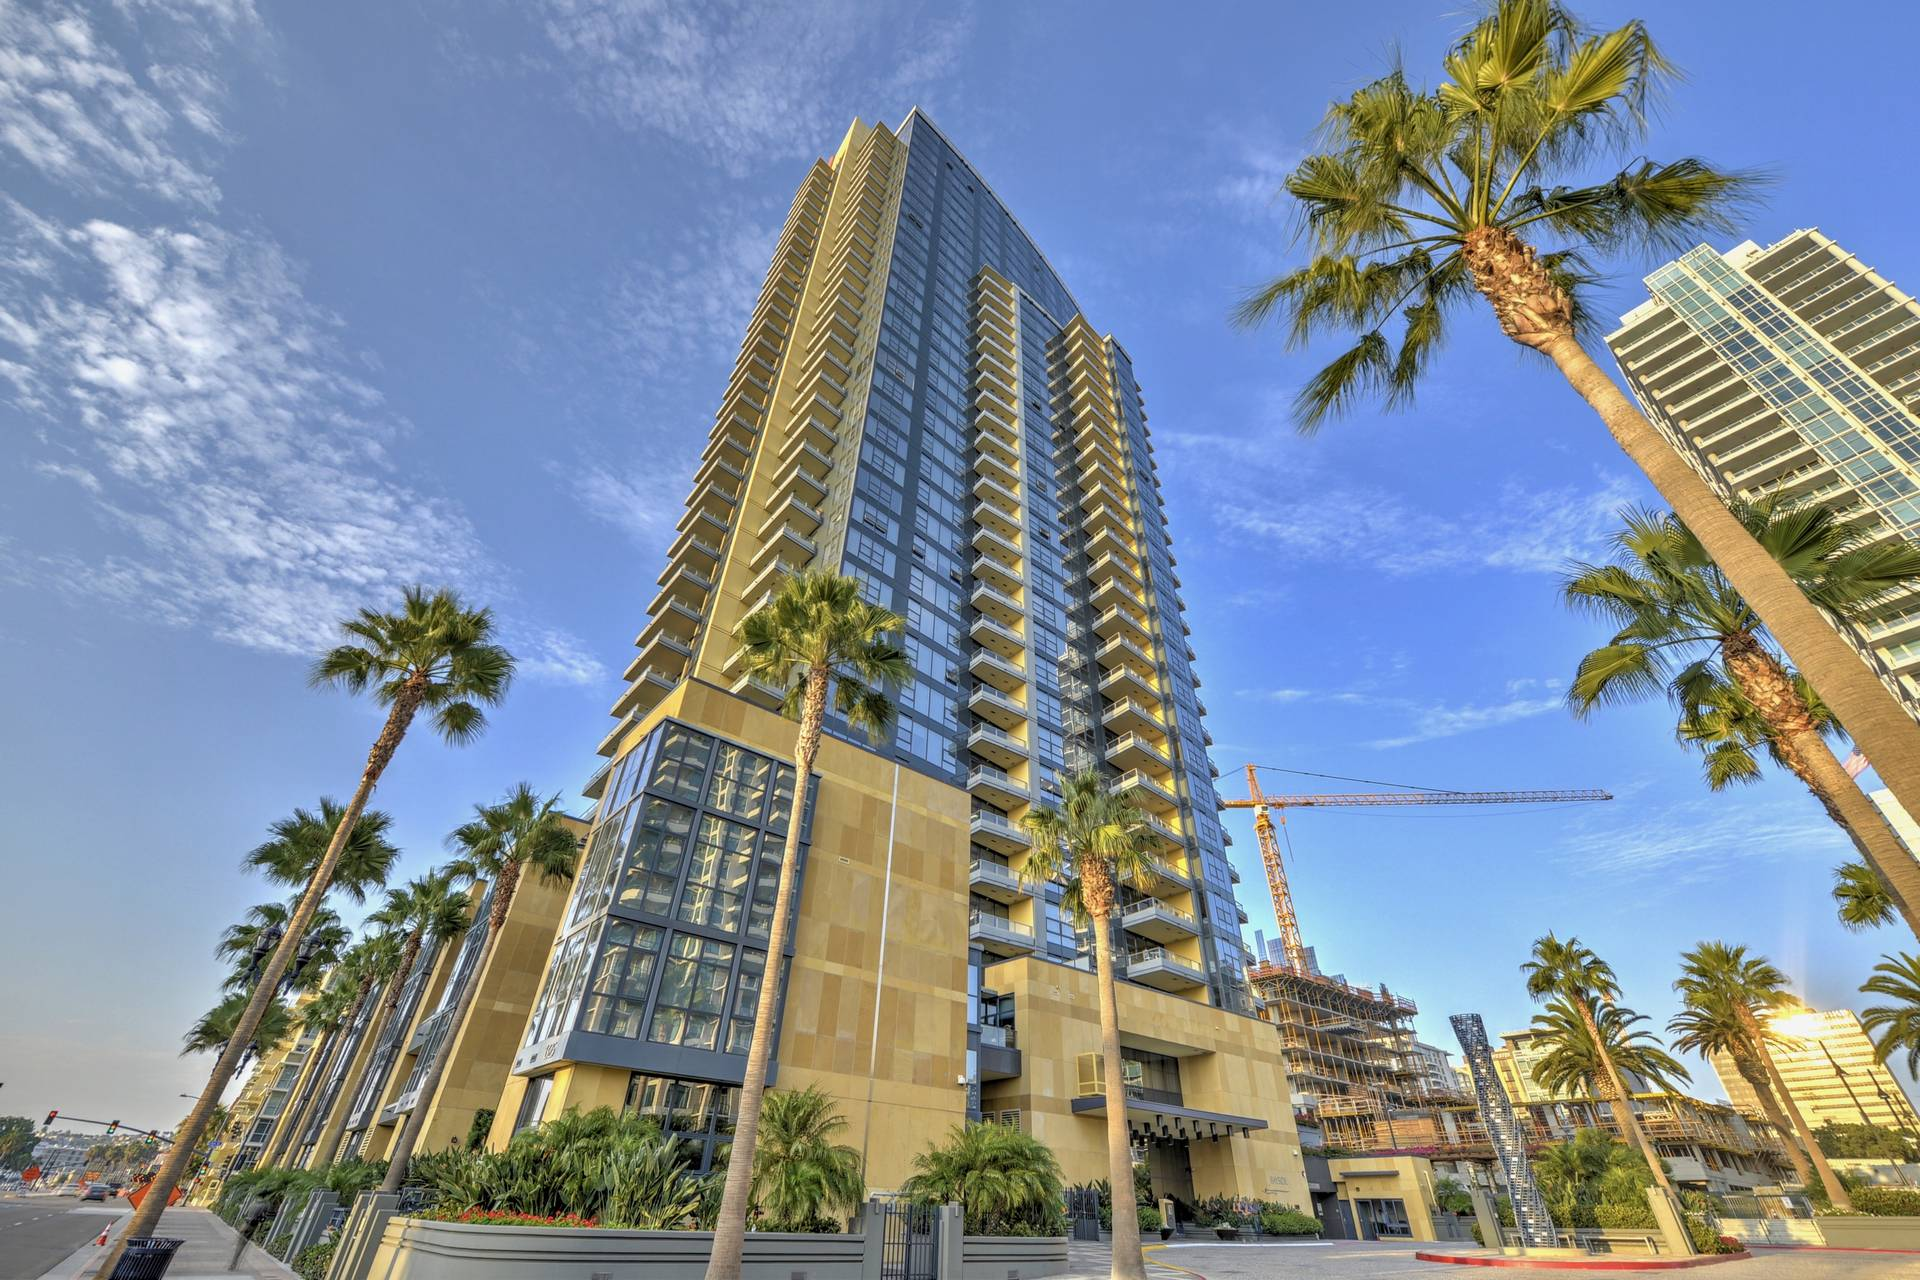 Bayside by BOSA San Diego